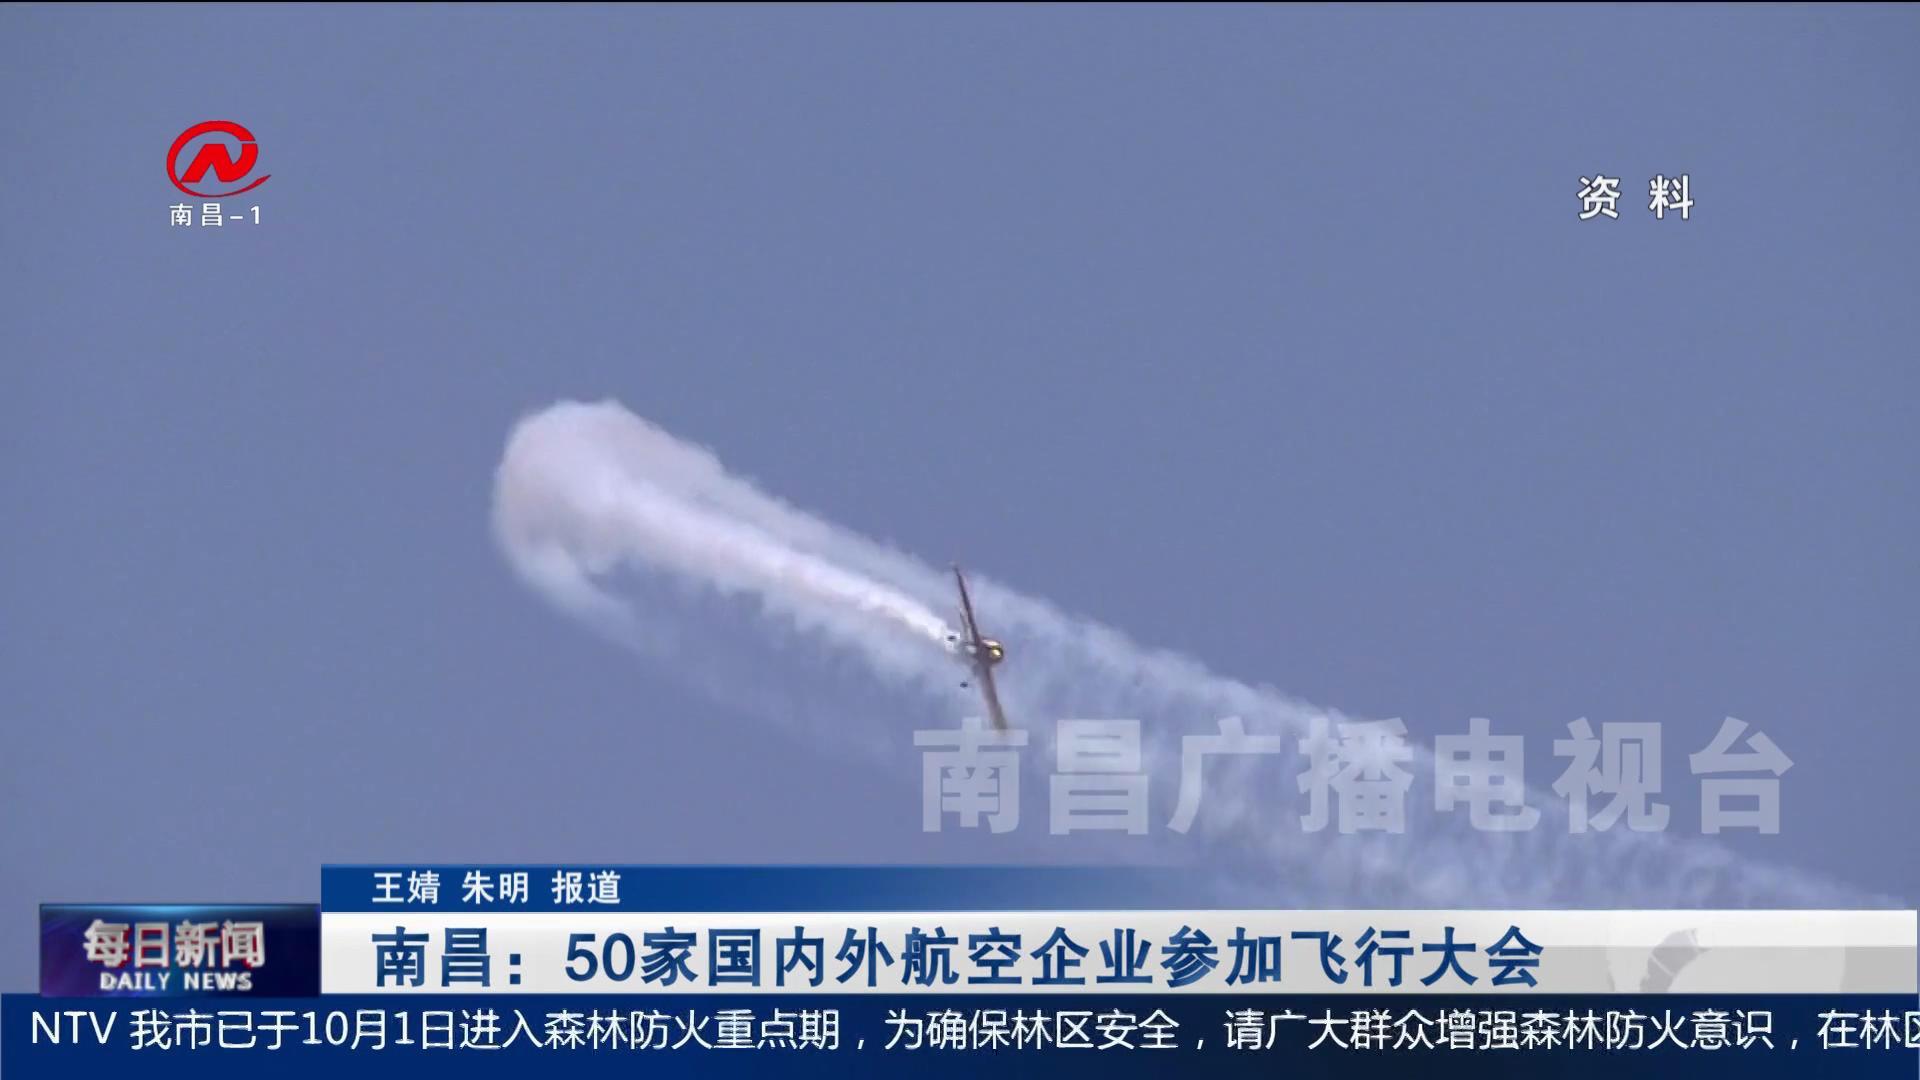 南昌:50家国内外航空企业参加飞行大会